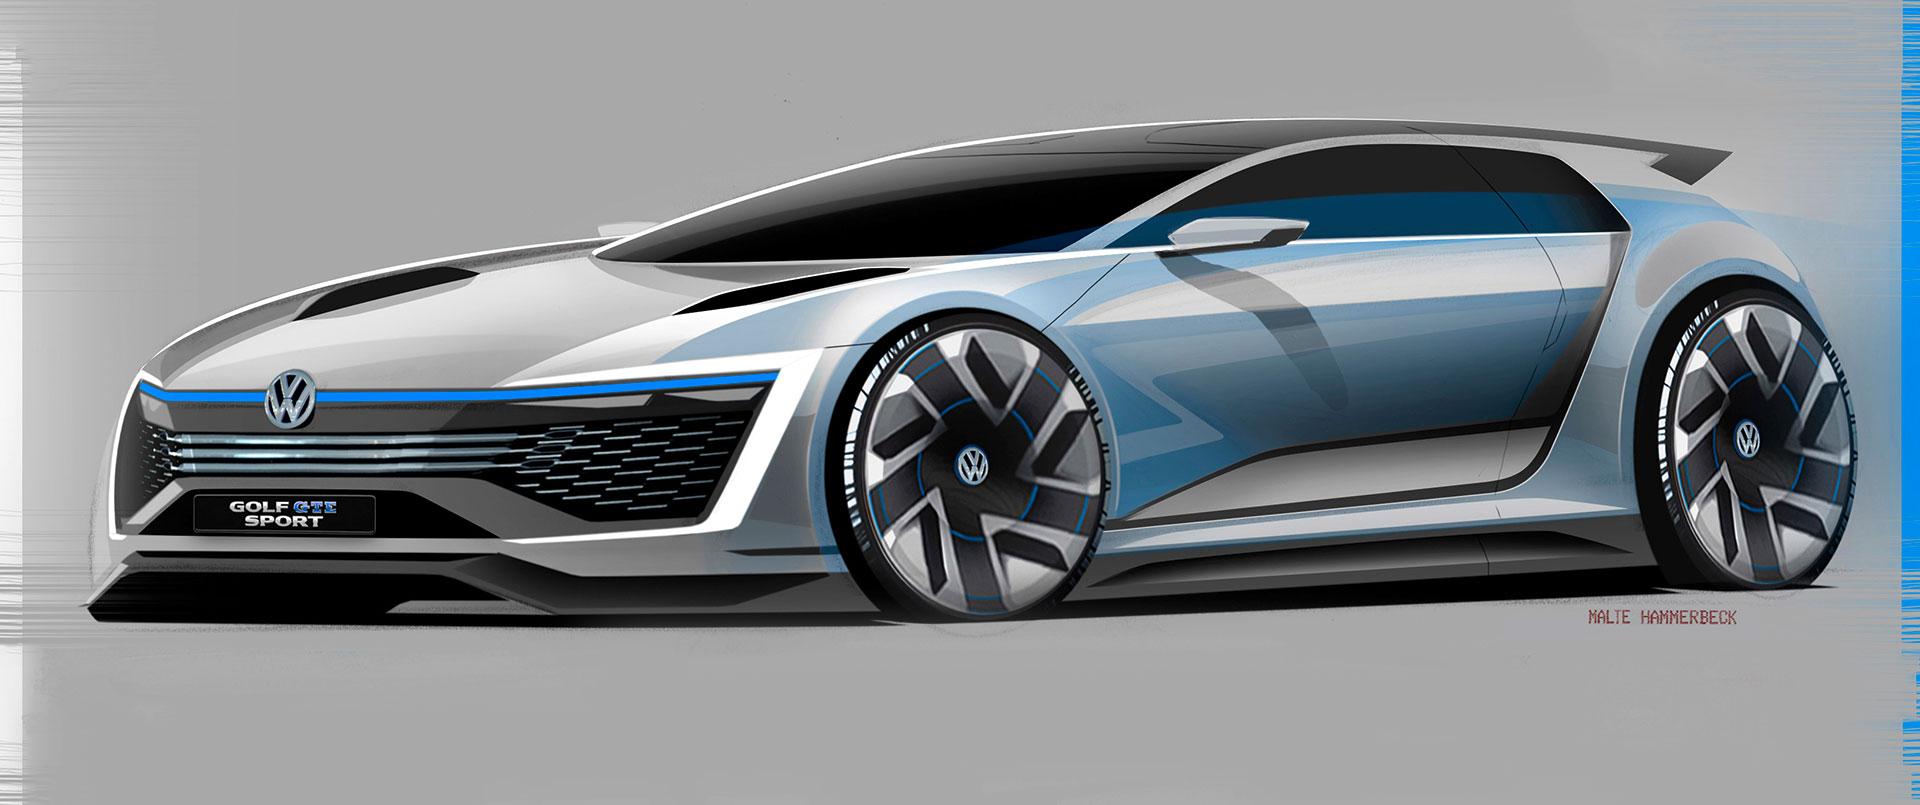 Volkswagen Golf Gte Sport Concept Design Sketch